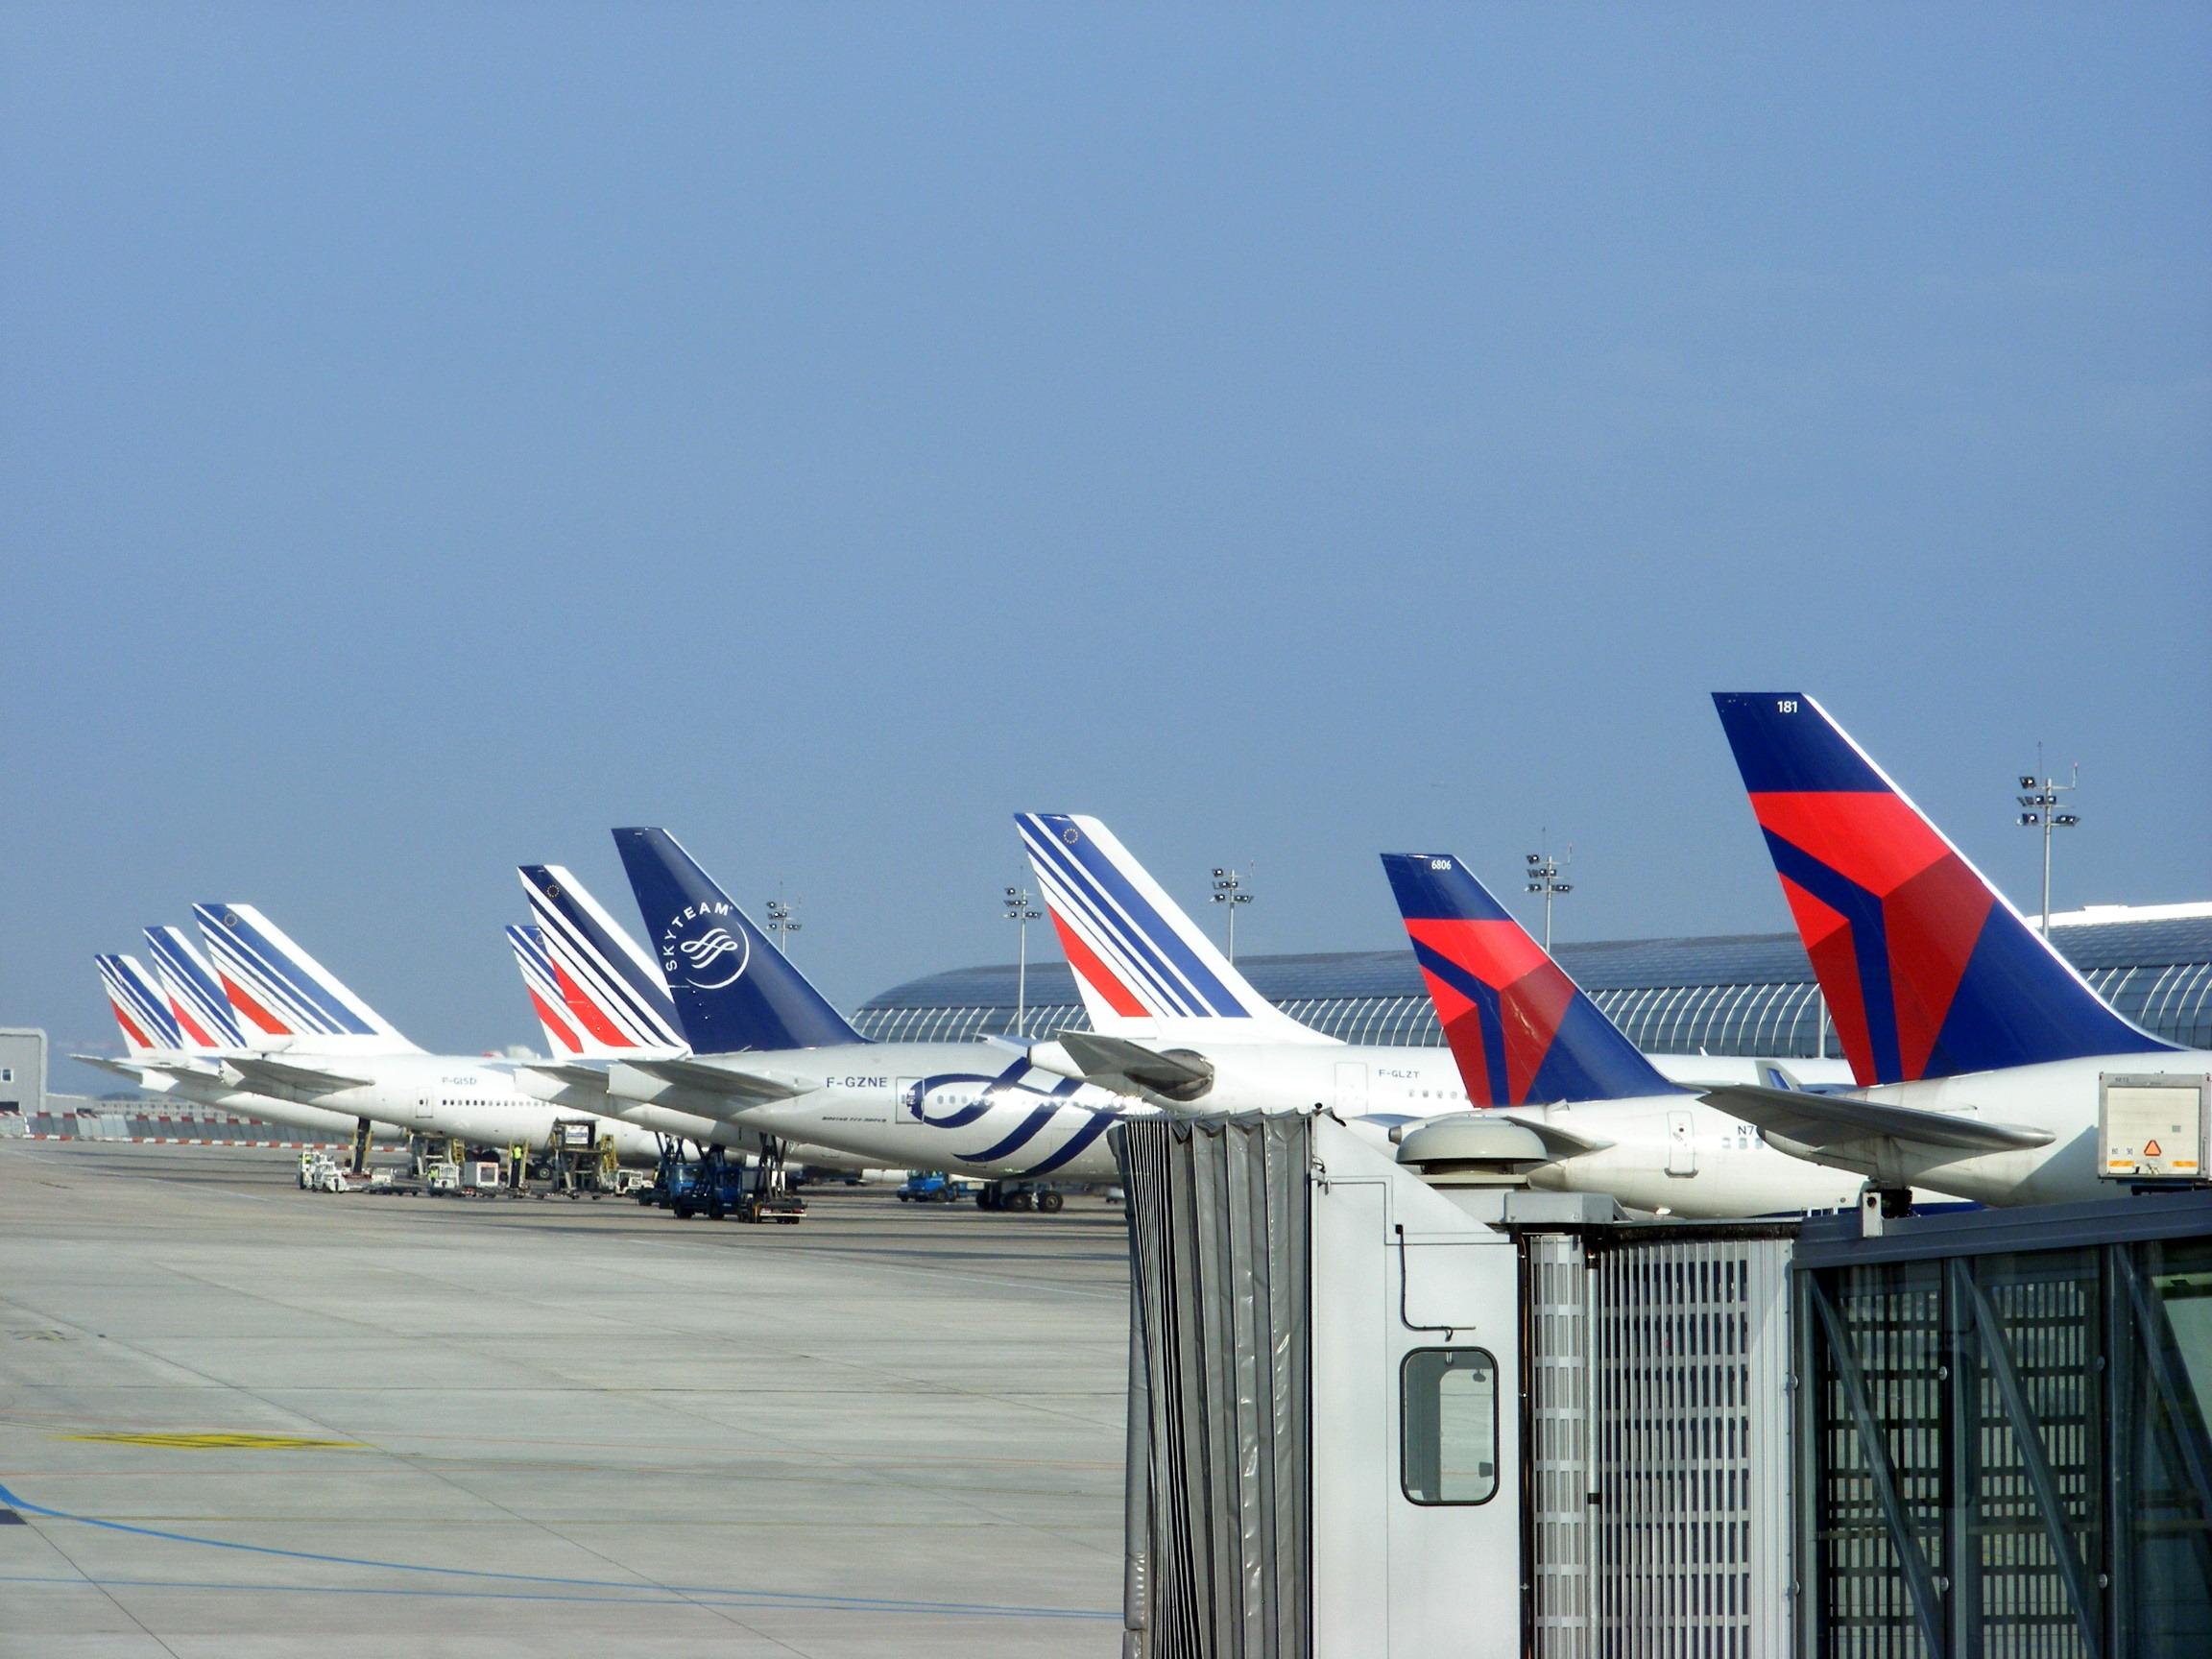 L'aéroport d'Orly reprend du service ce vendredi